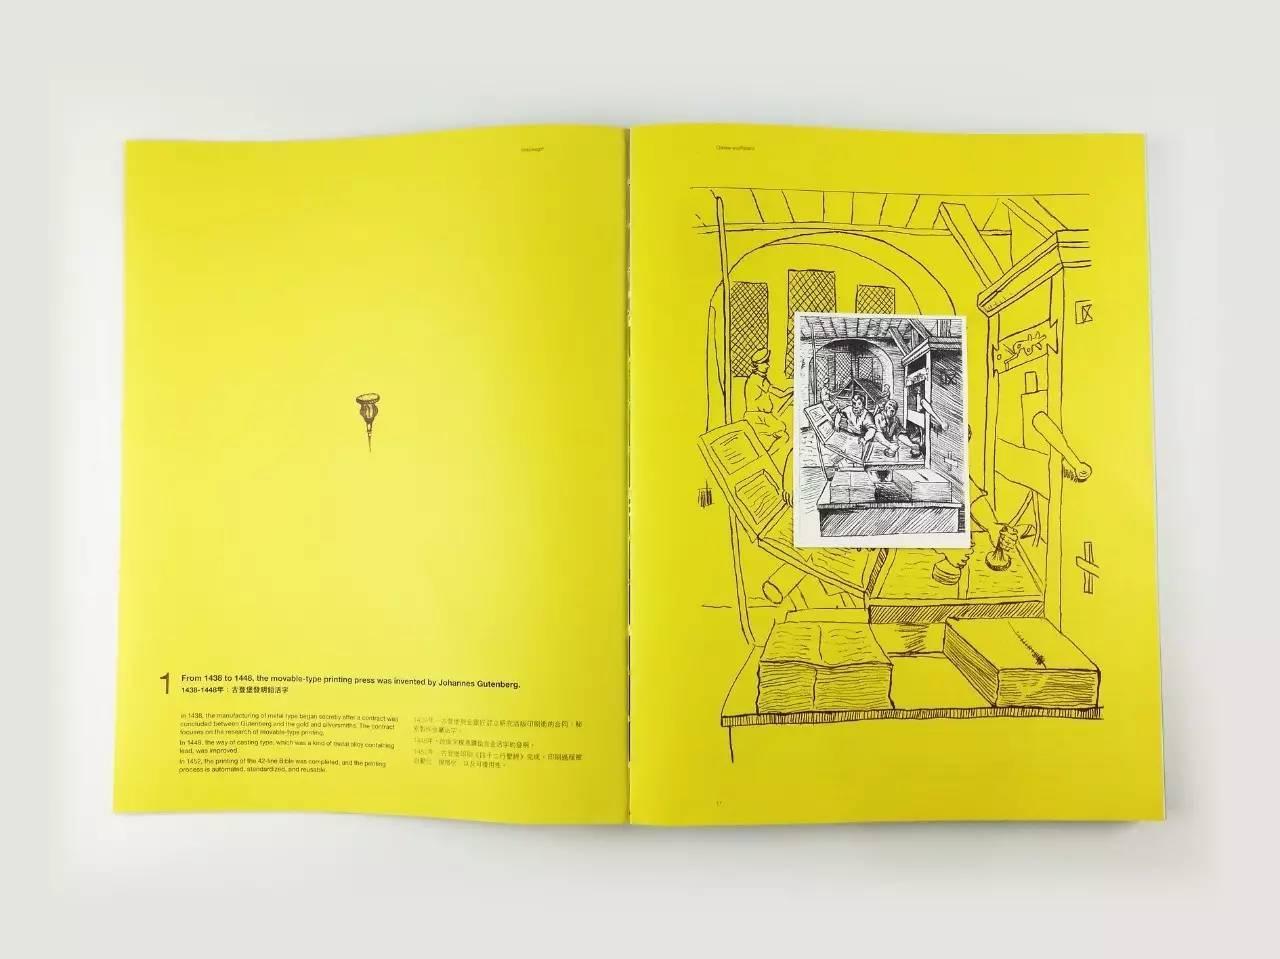 由brand设计师亲手绘制的小卡片藏在杂志里等着你翻阅. 责任编辑